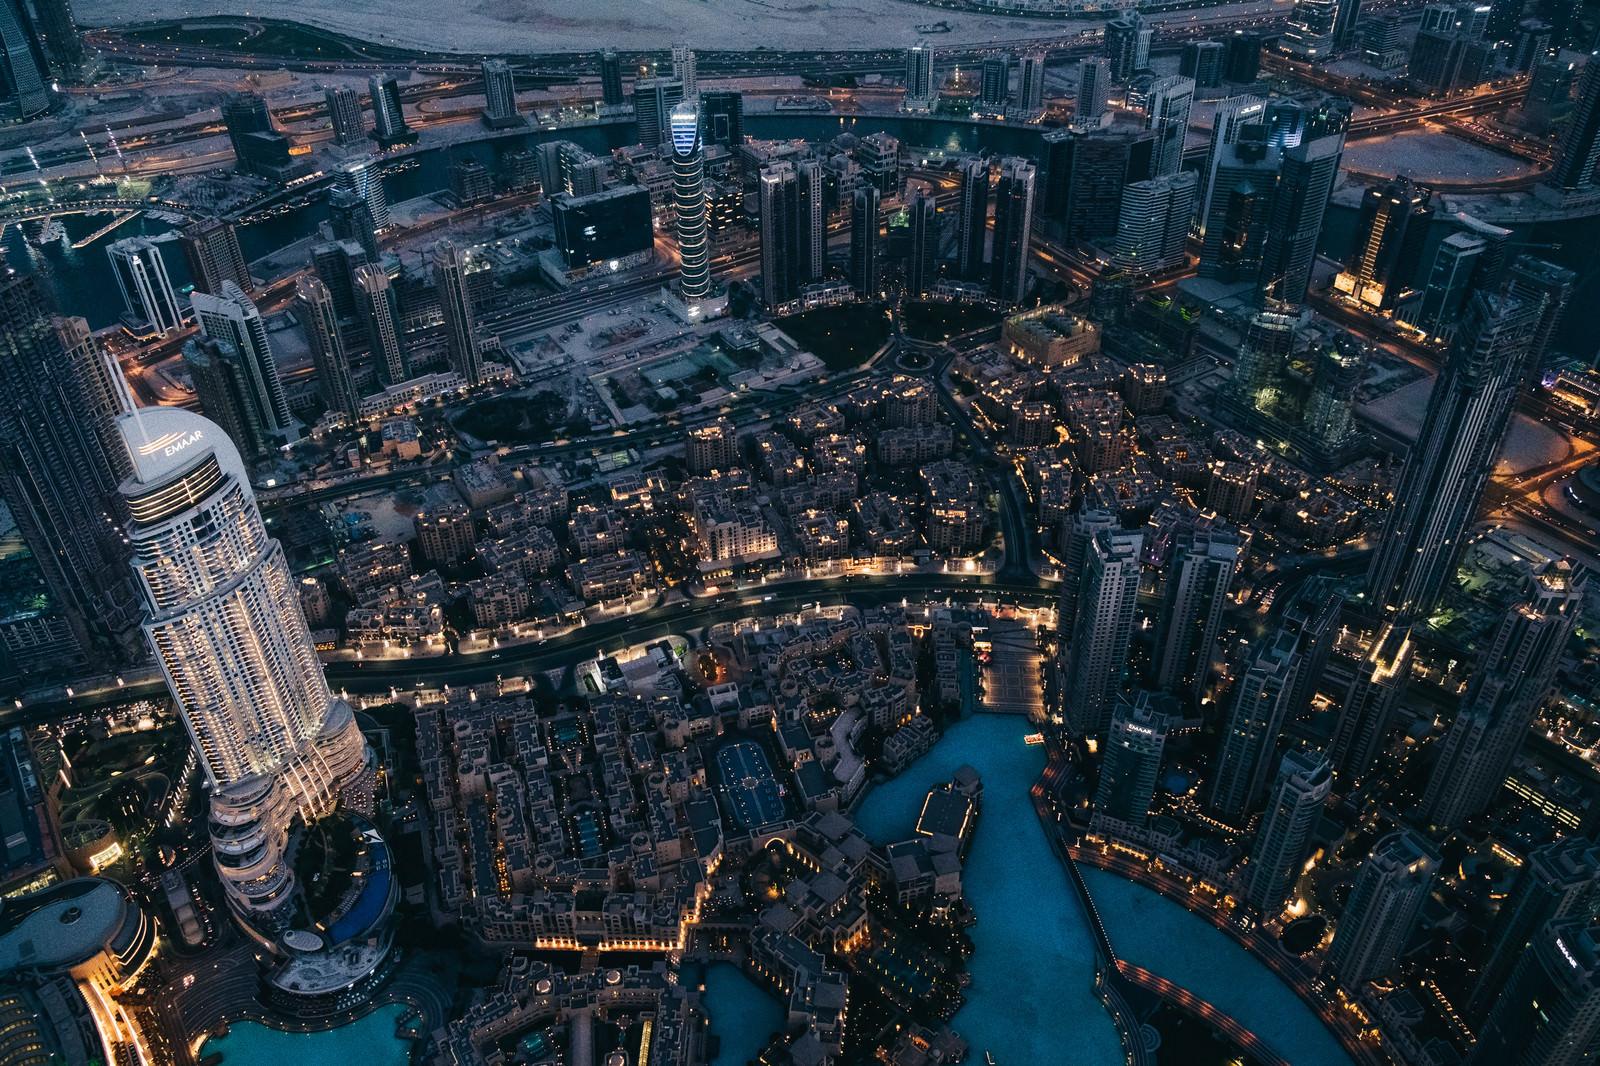 「超高層階から俯瞰したドバイの夜景」の写真